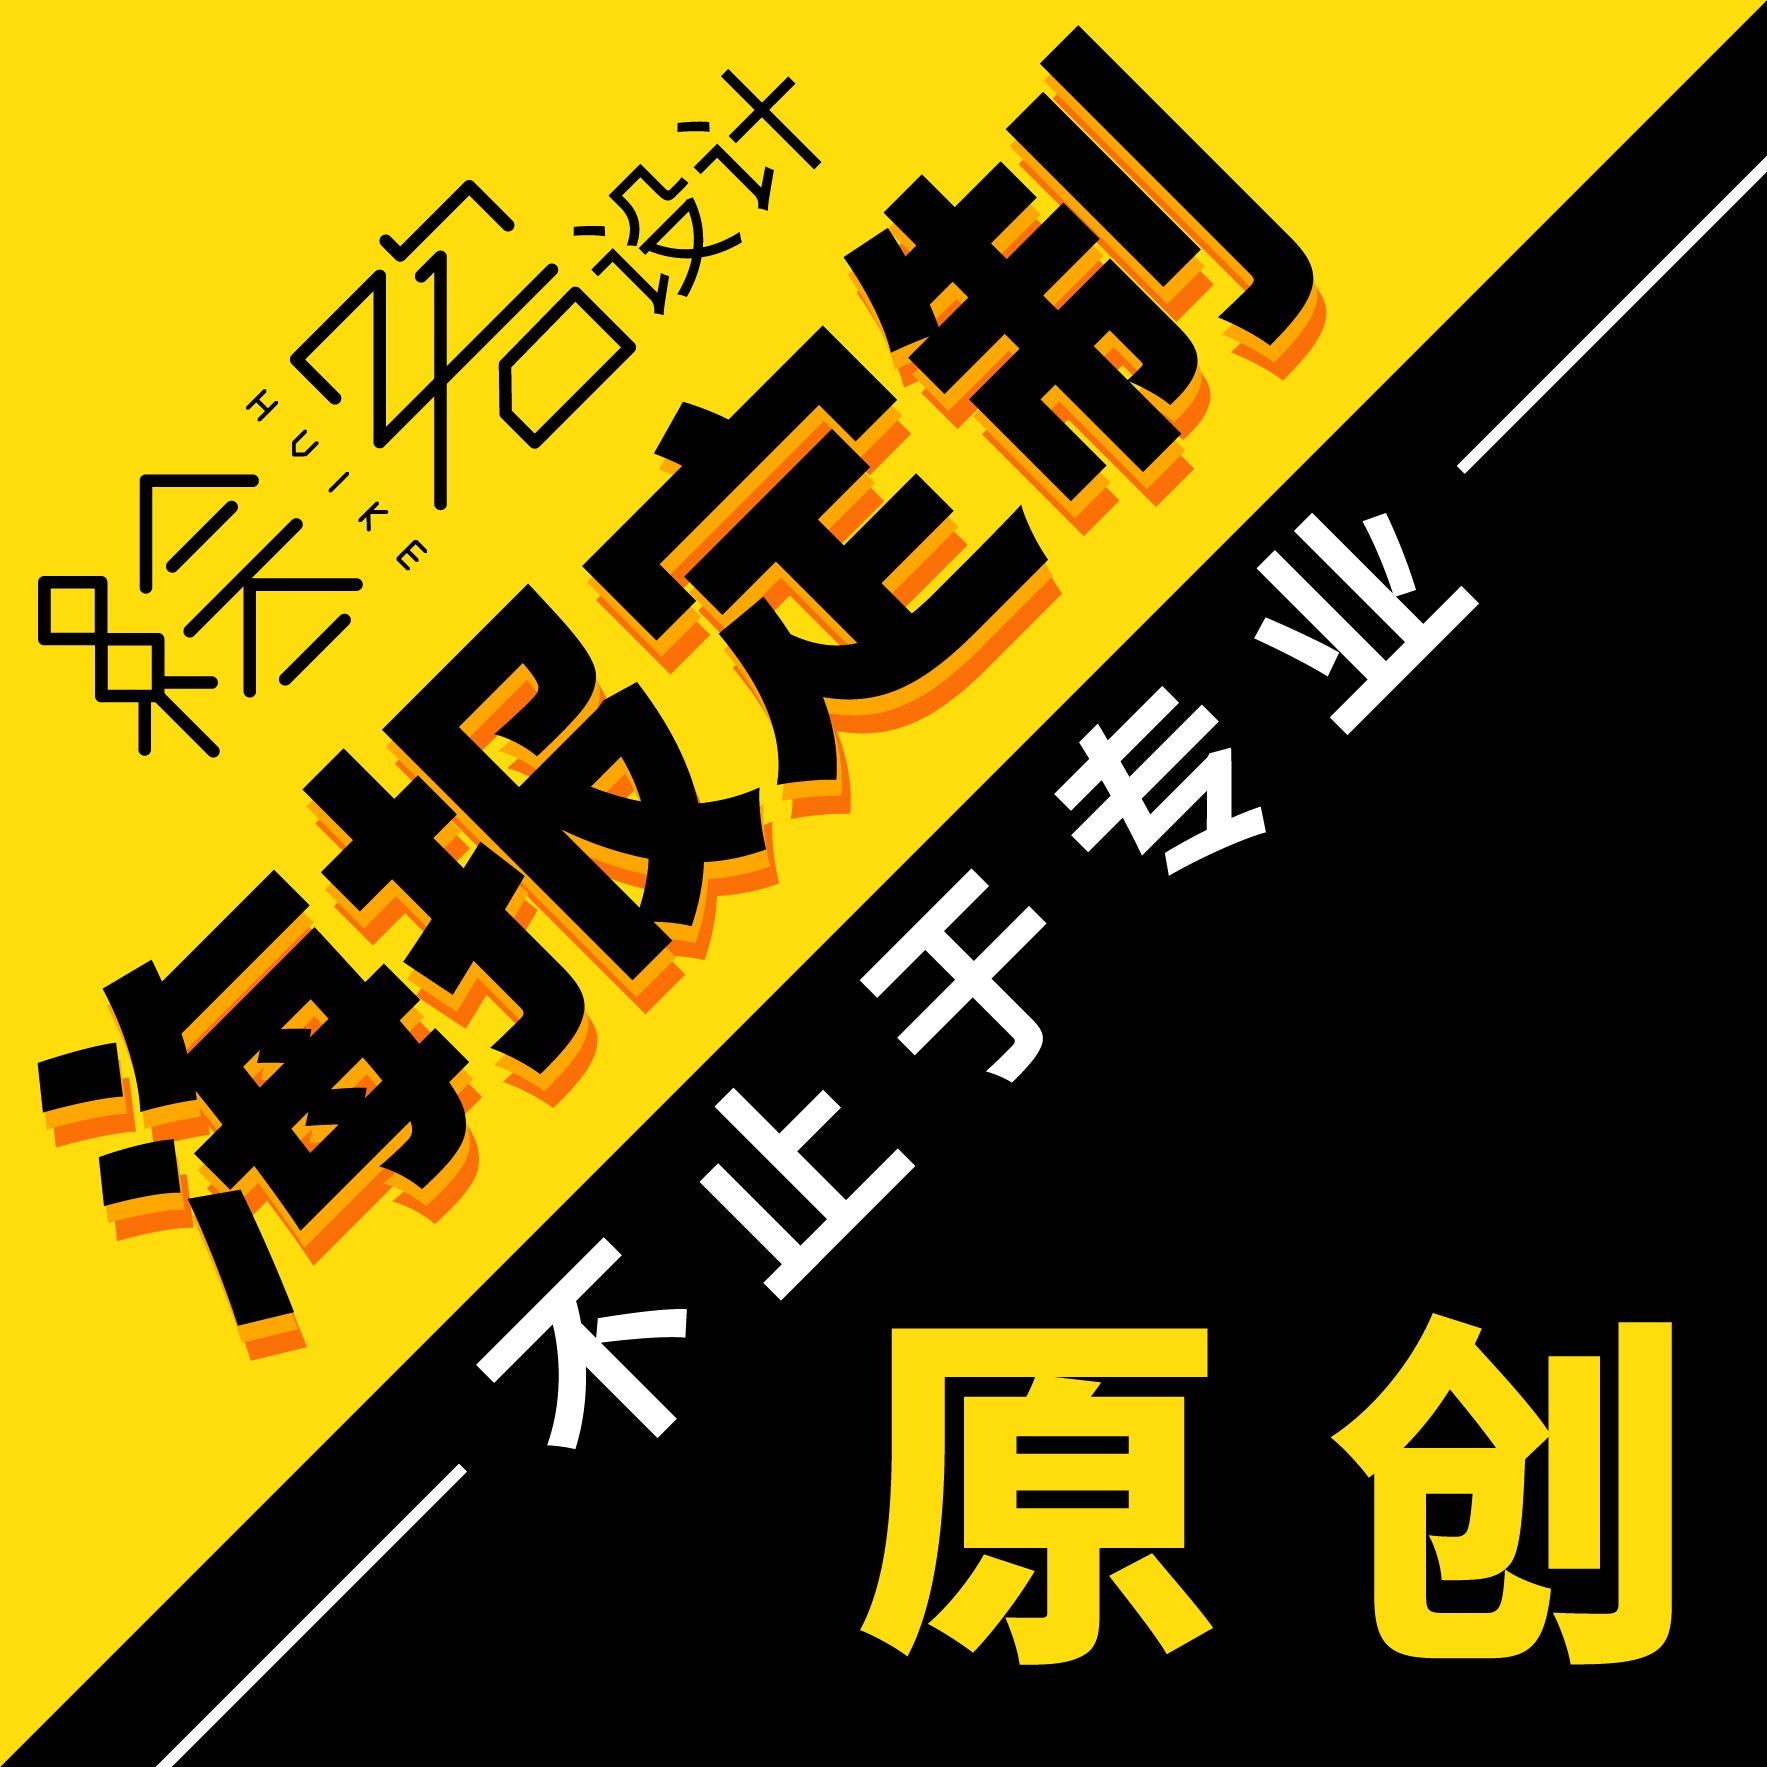 绘客 设计 商务时尚简约节日喜庆舞台展台商场超市广场街道吊旗 设计